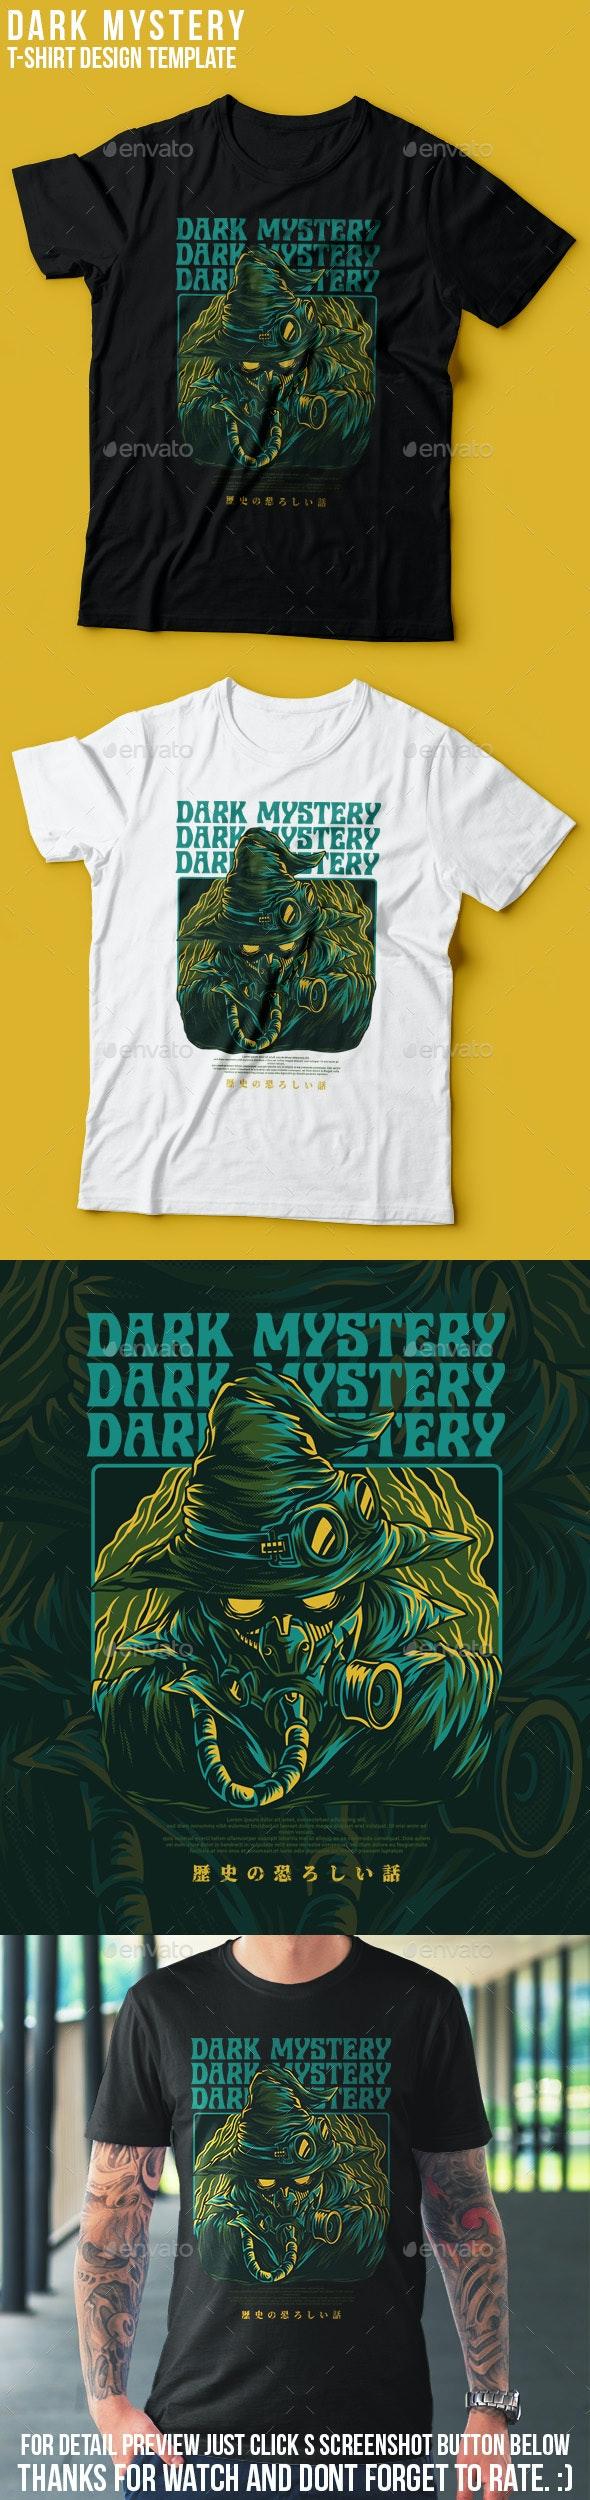 Dark Mystery T-Shirt Design - Grunge Designs